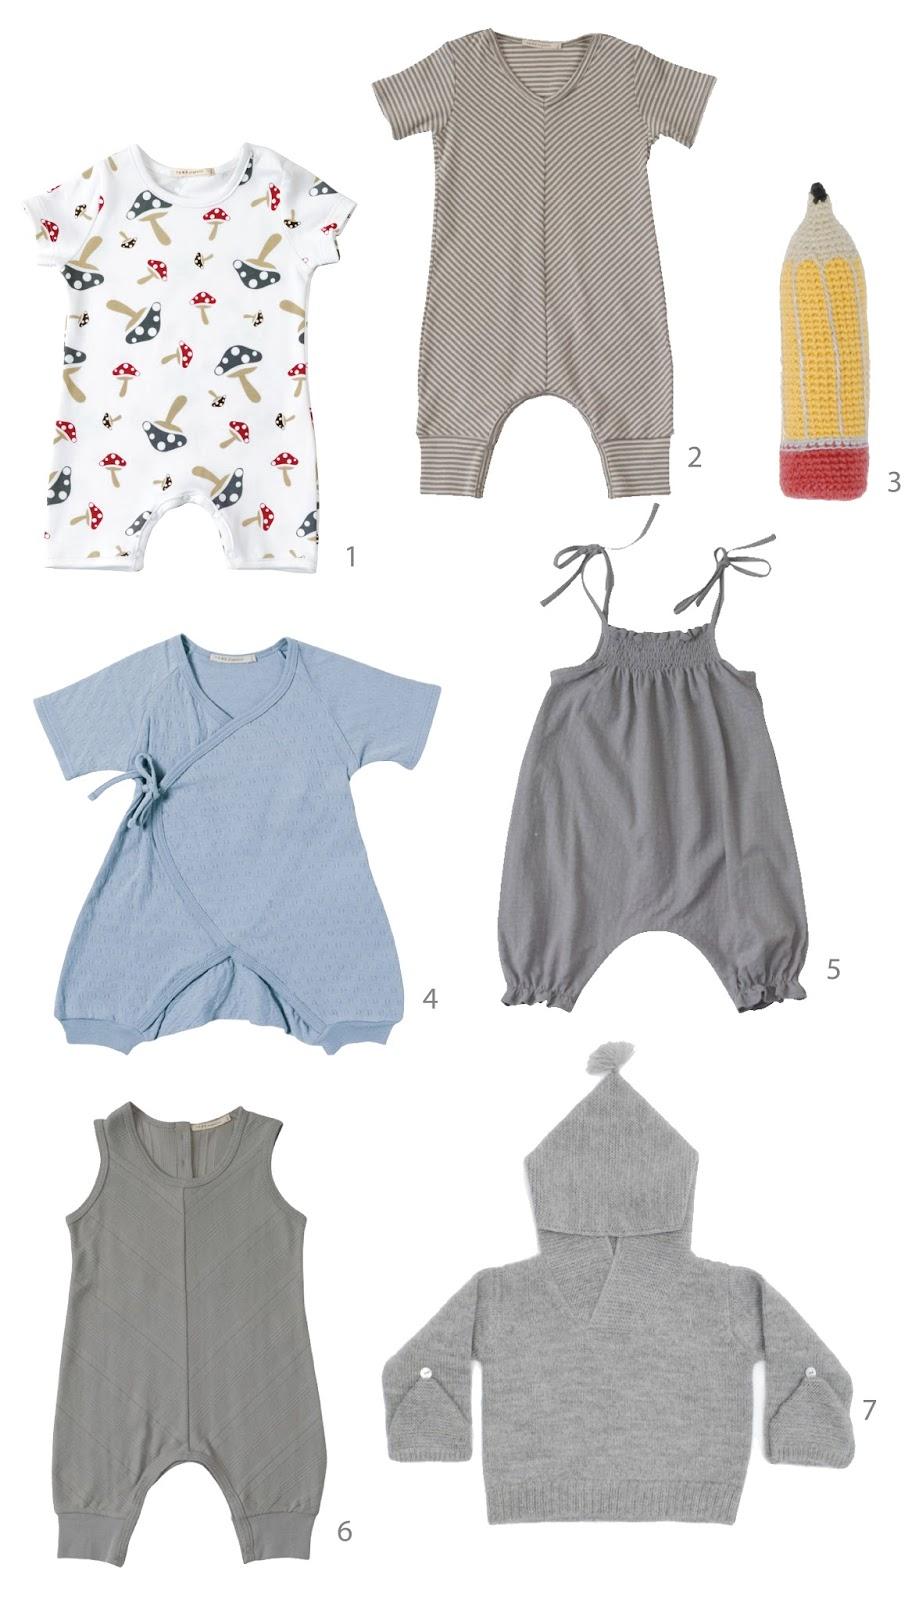 בגדים אורגניים לילדים